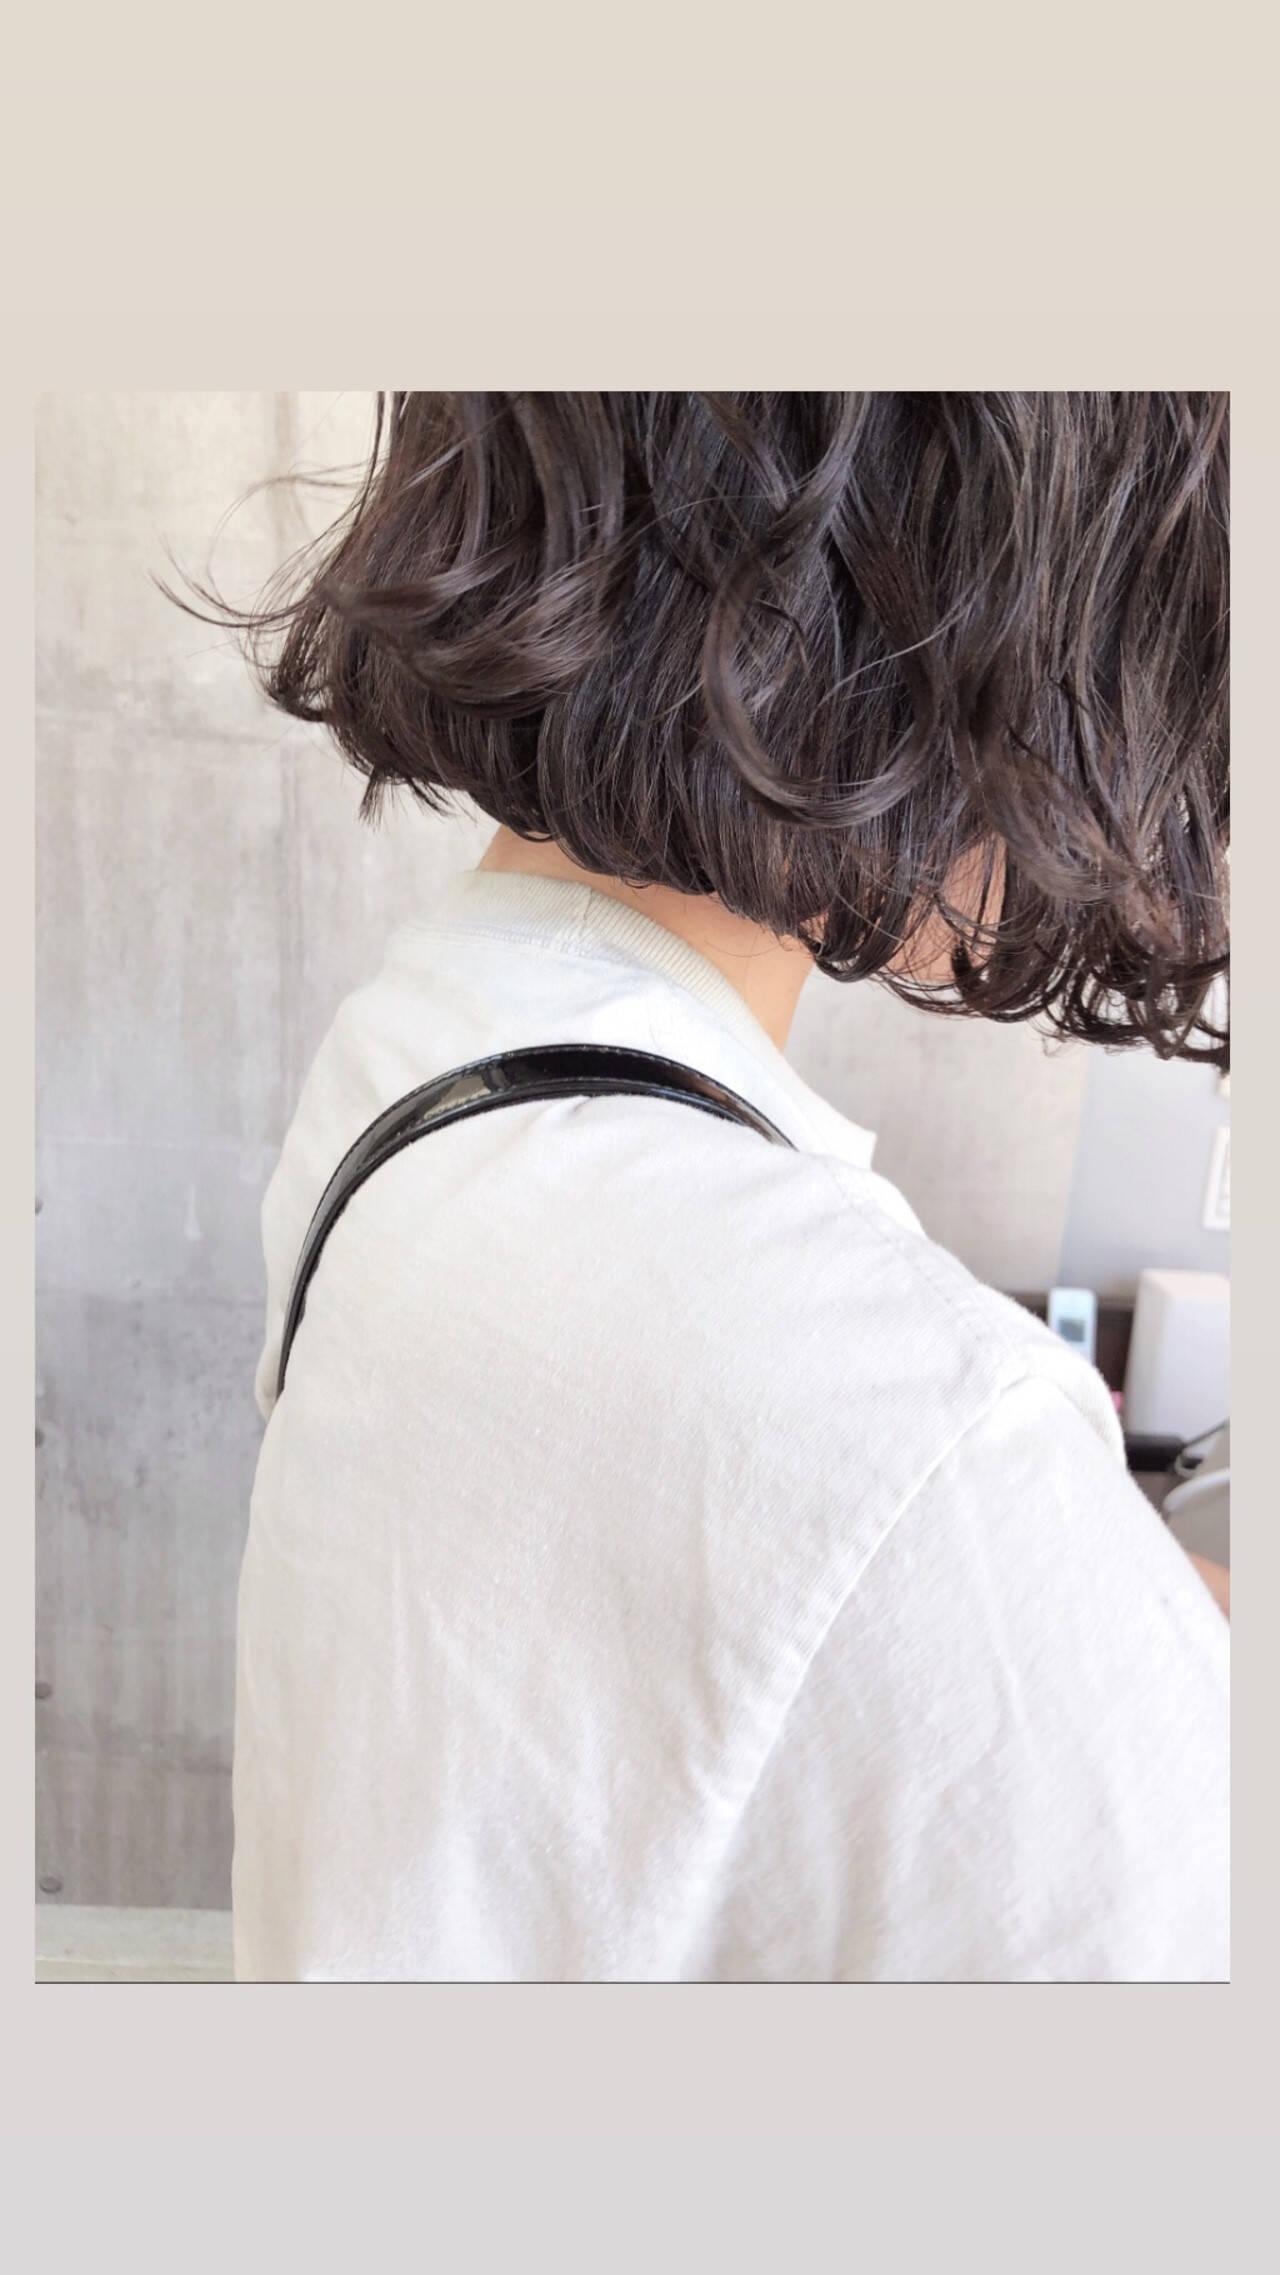 ウェーブ なみウェーブ アンニュイほつれヘア ショートヘアスタイルや髪型の写真・画像